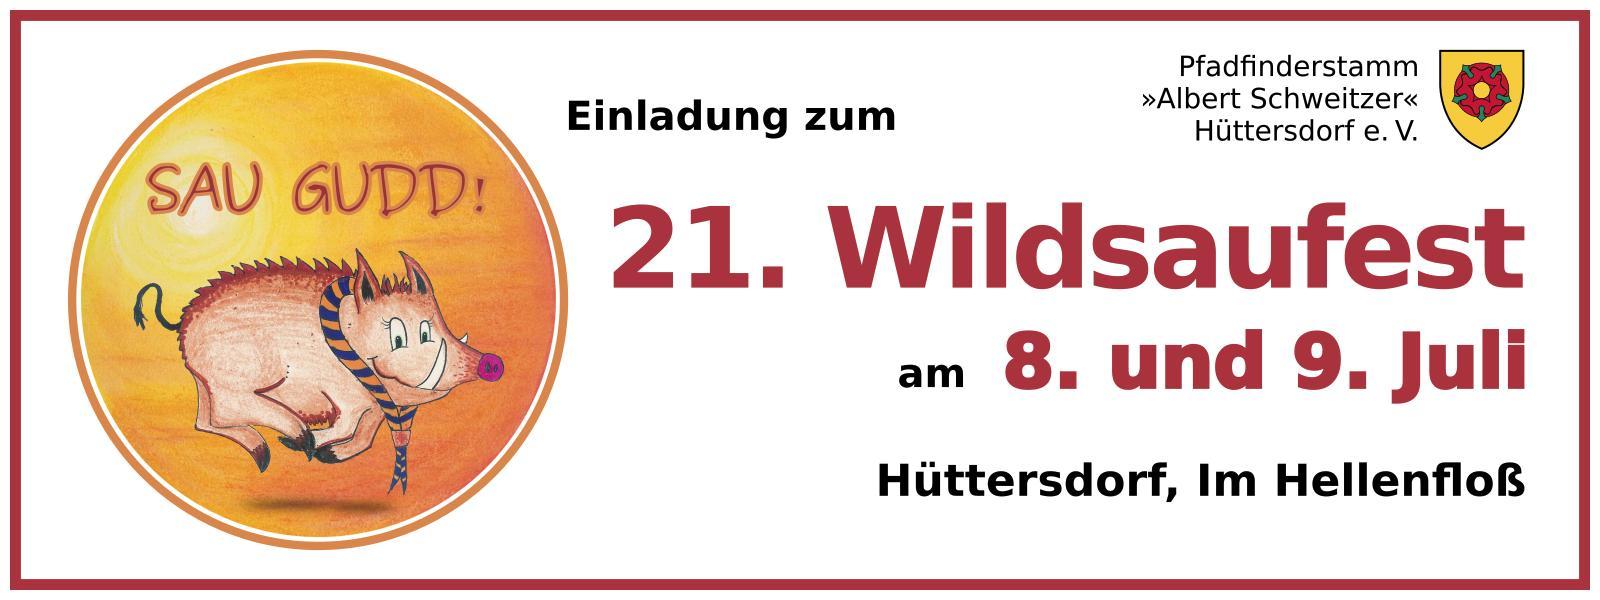 Einladung zum 21. Wildsaufest am 8./9. Juli 2017